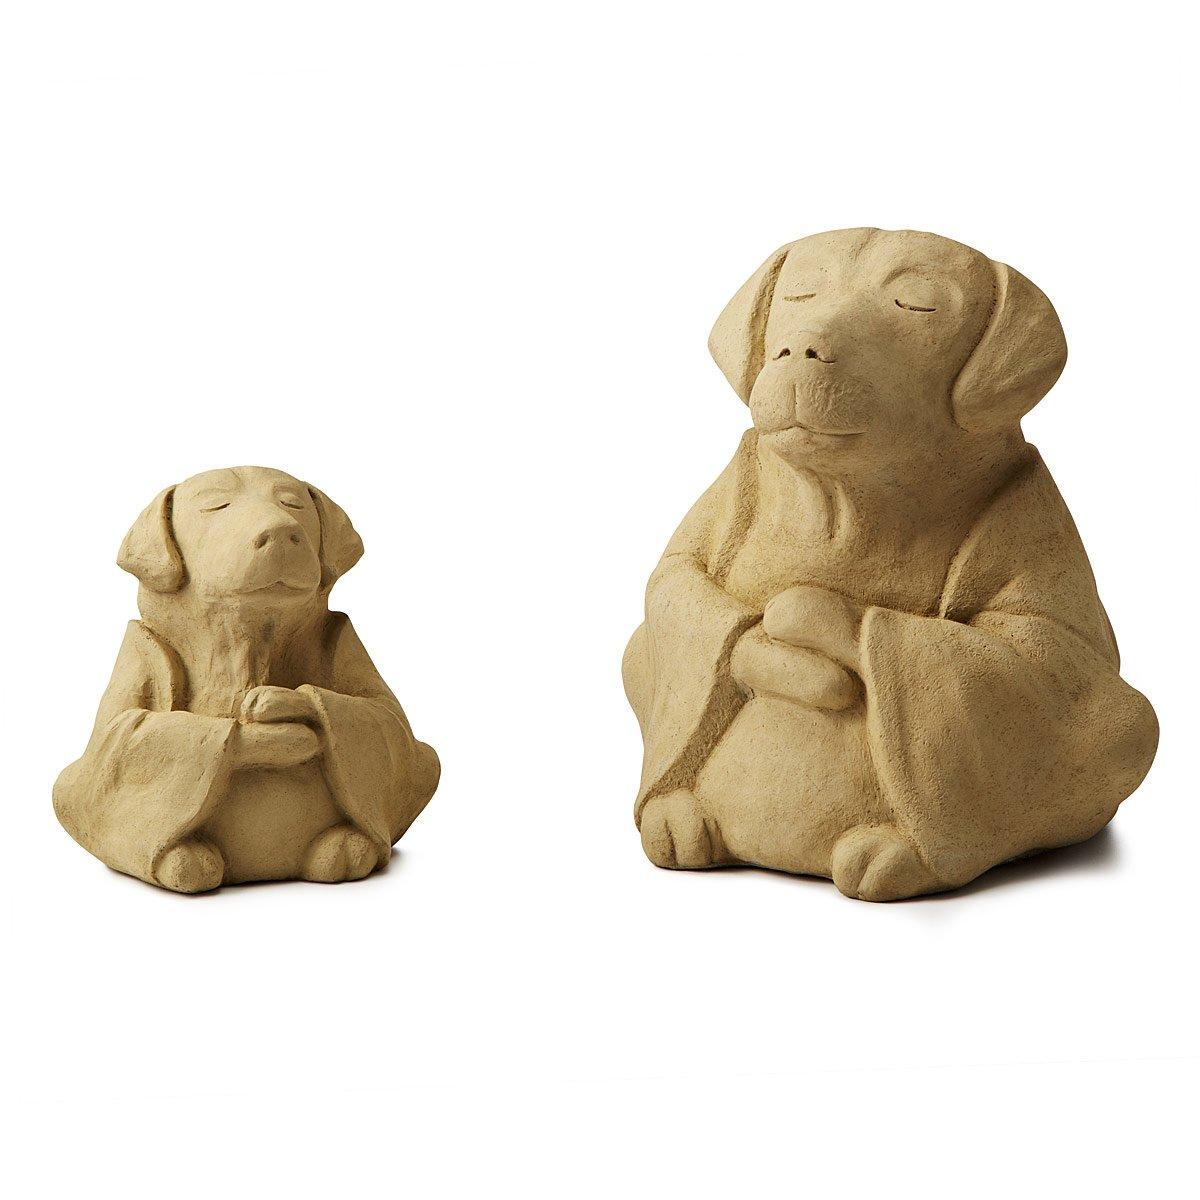 Hasil gambar untuk dog clay sculpture